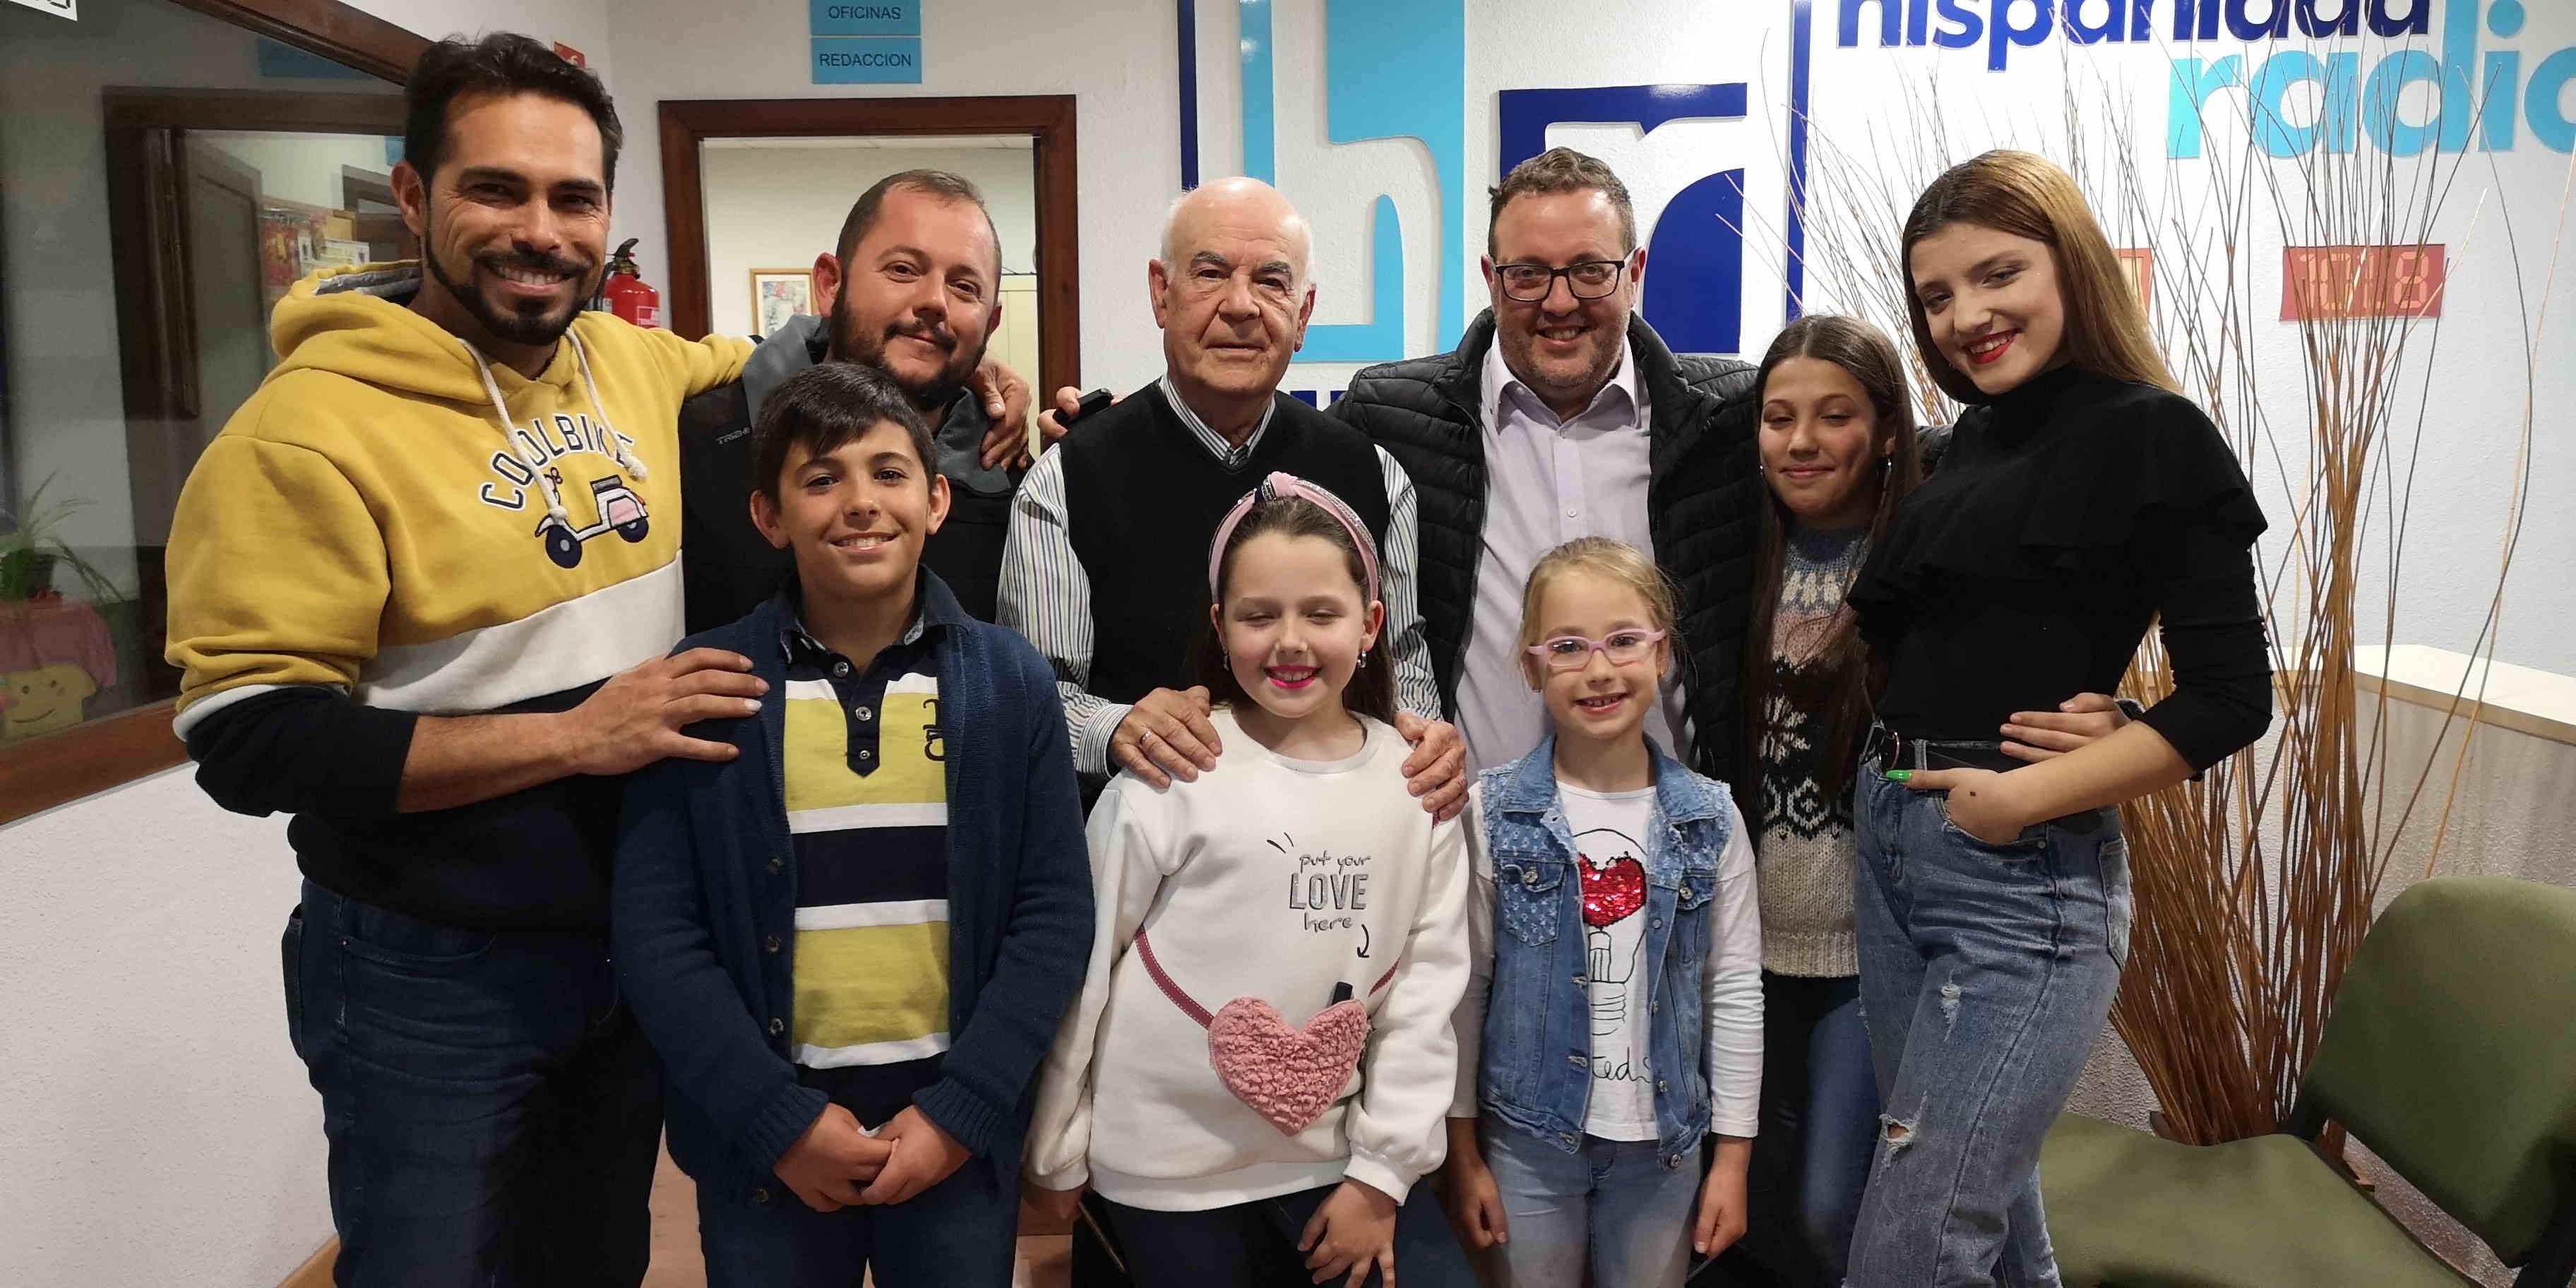 De Pueblo a Pueblo 26-02-2020 Escuela de cante Jeromo Segura